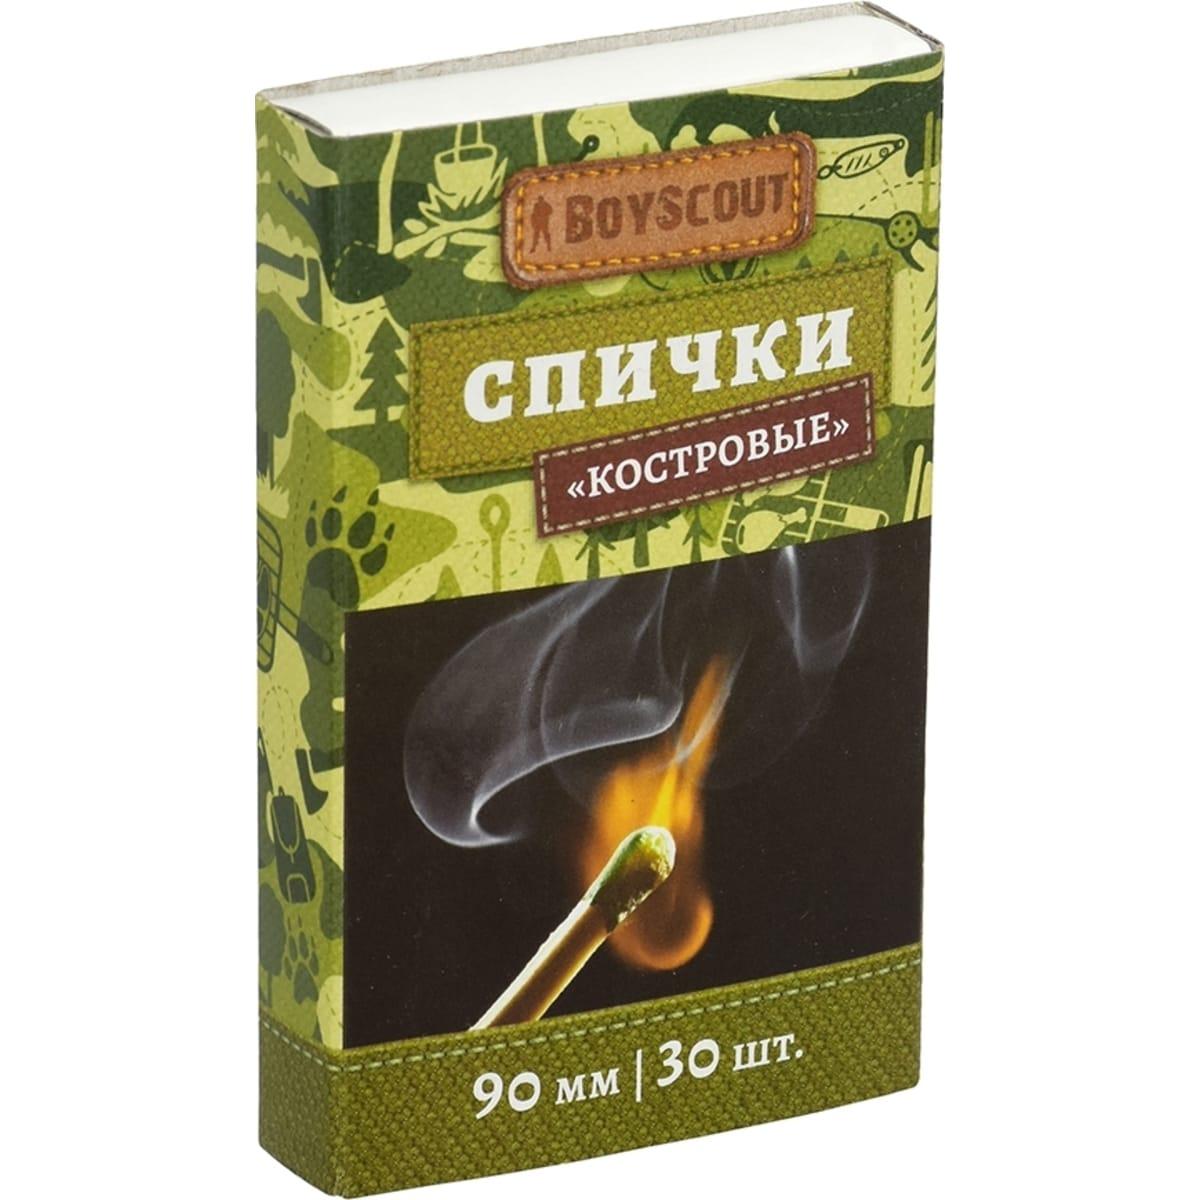 Спички костровые Boyscout 90 мм, 30 шт.